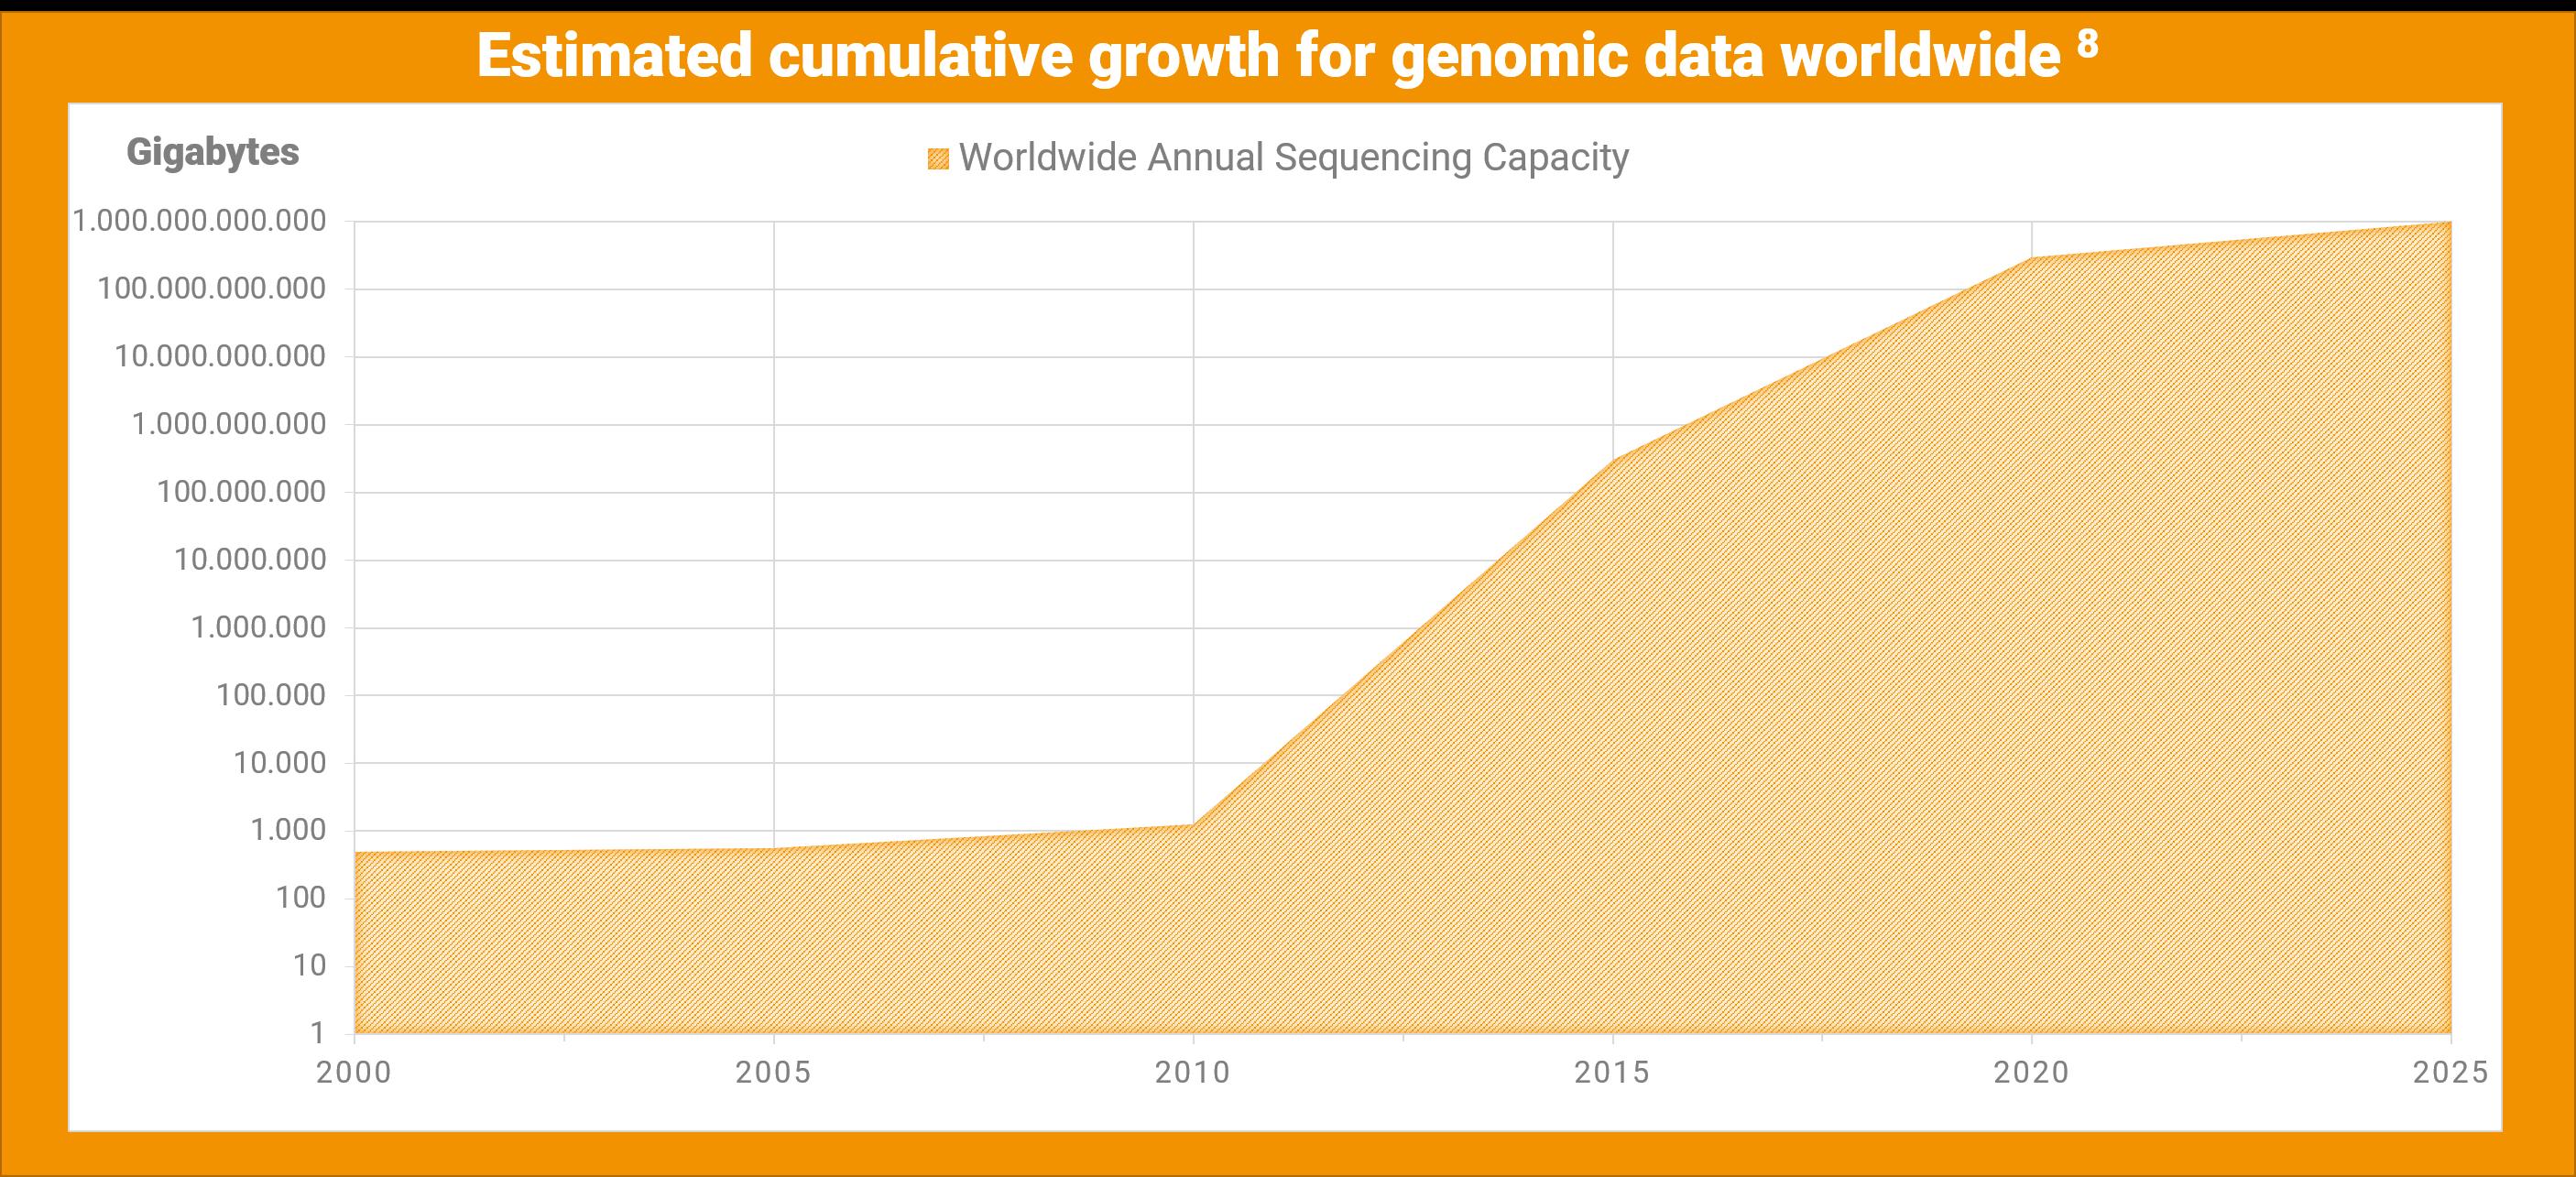 Estimated cumulative growth of genomic data